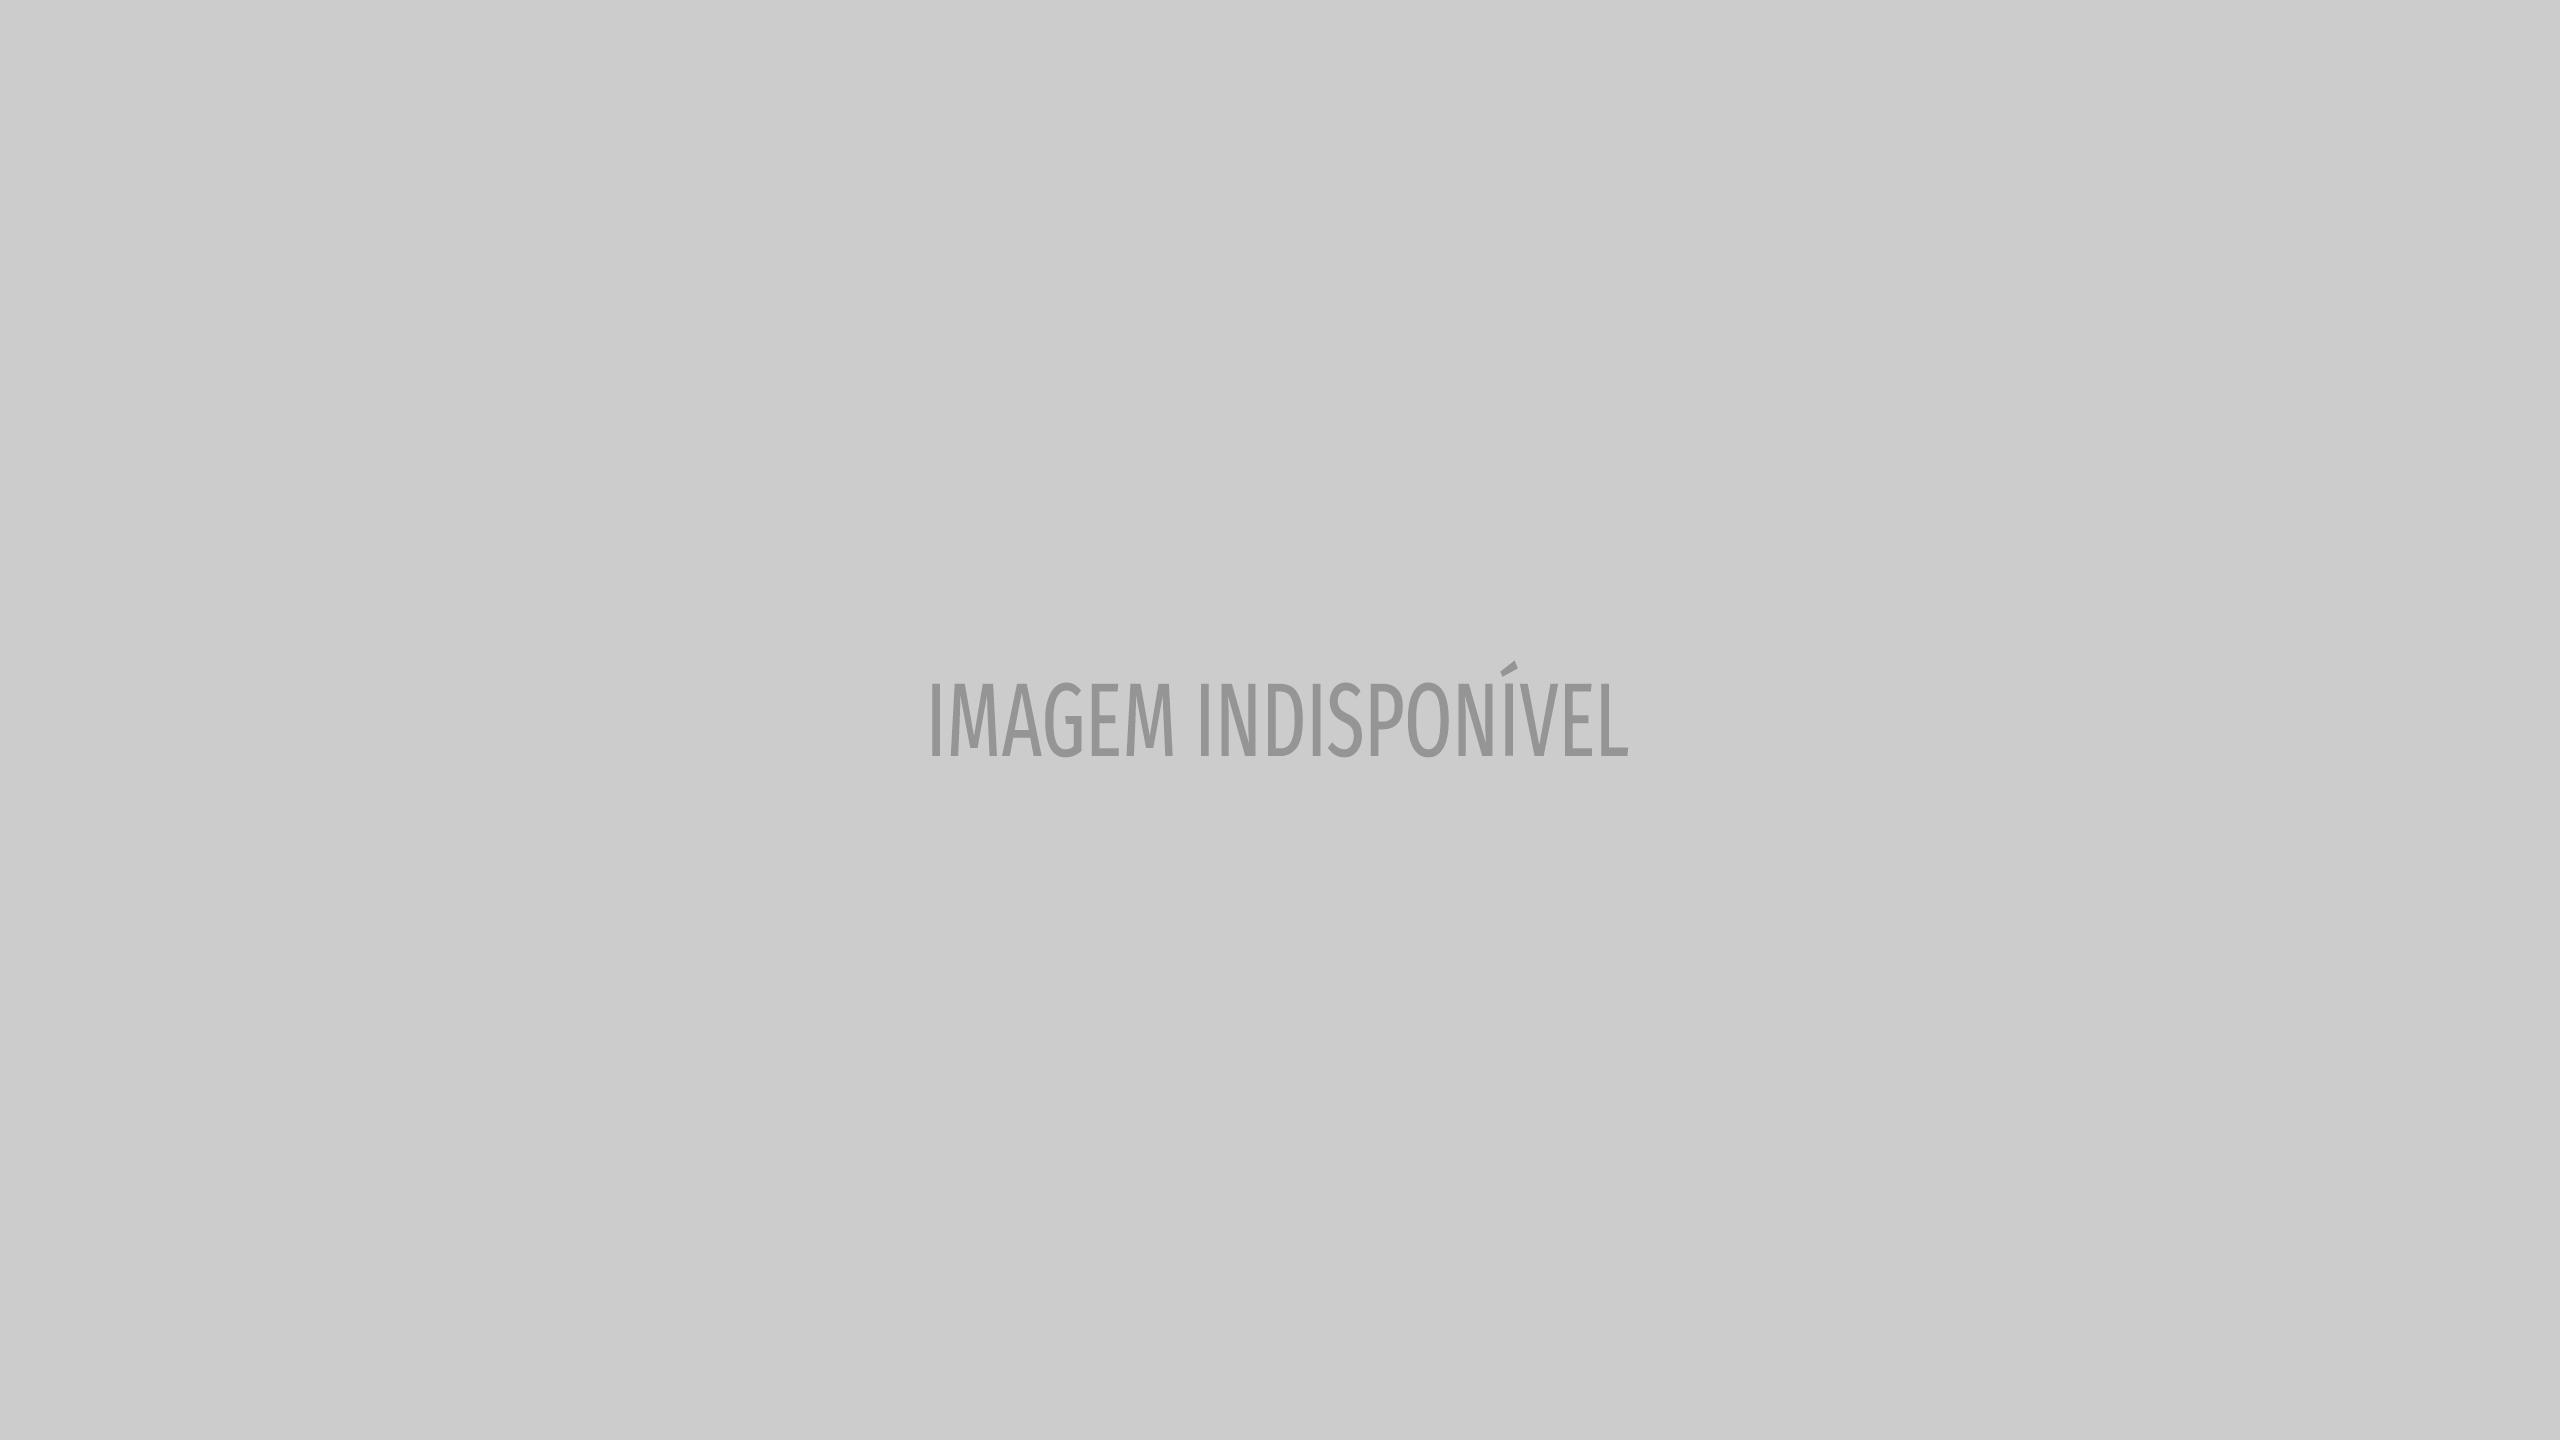 Maisa Silva comemora 15 anos com muita fofura; confira!